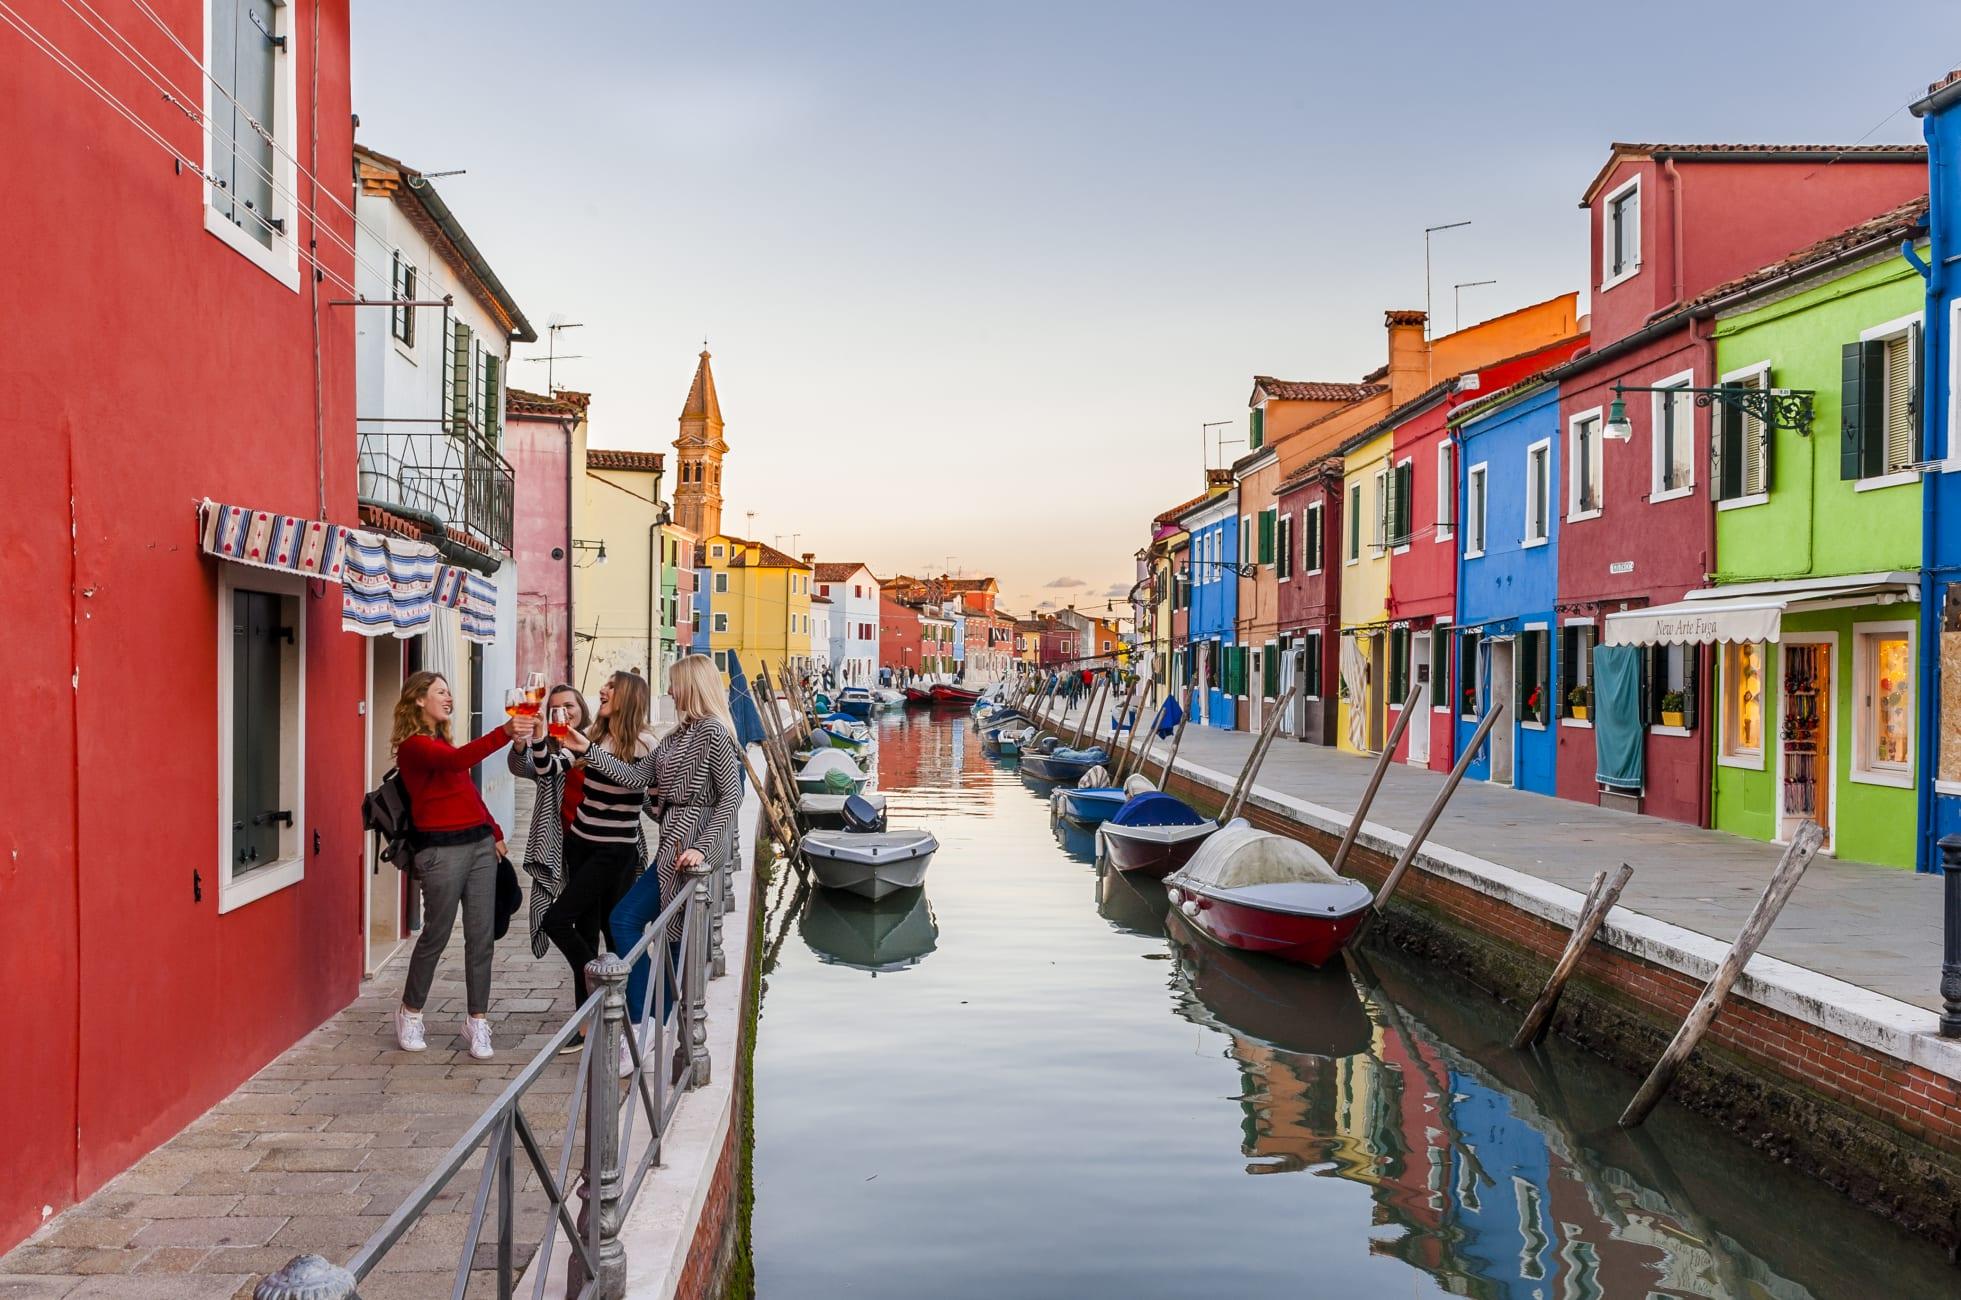 Ảnh Quần đảo Murano xinh đẹp Venice